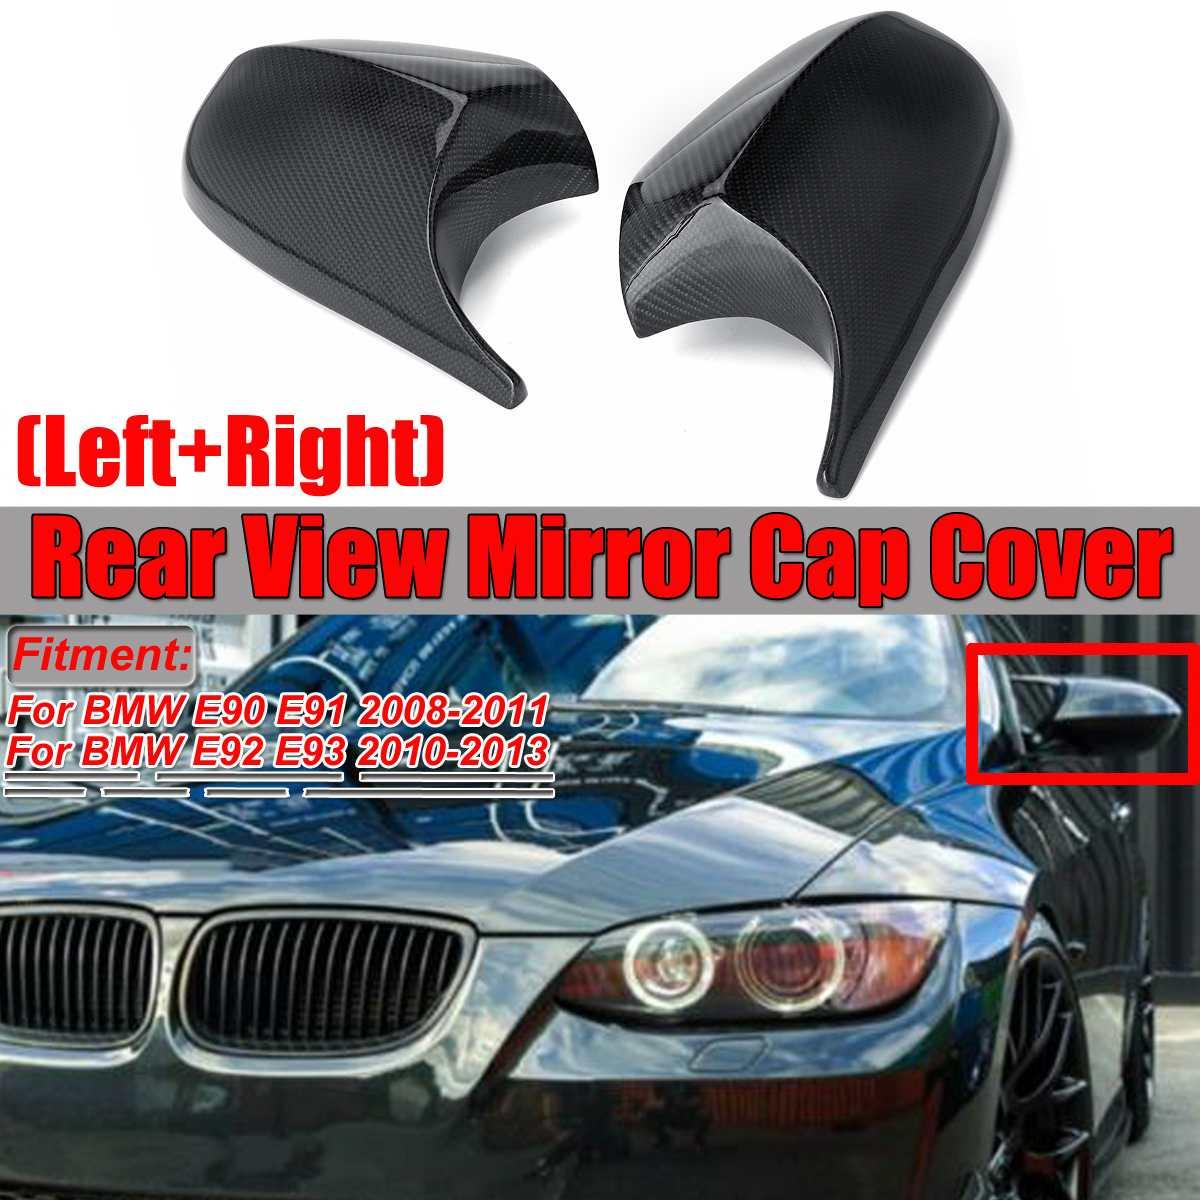 2 Pcs Reale in Fibra di Carbonio/Abs Copertura Dello Specchio E90 Car Specchio Retrovisore Copertura Della Protezione Diretta Sostituire per Bmw E90 e91 08-11 E92 E93 10-13 Lci